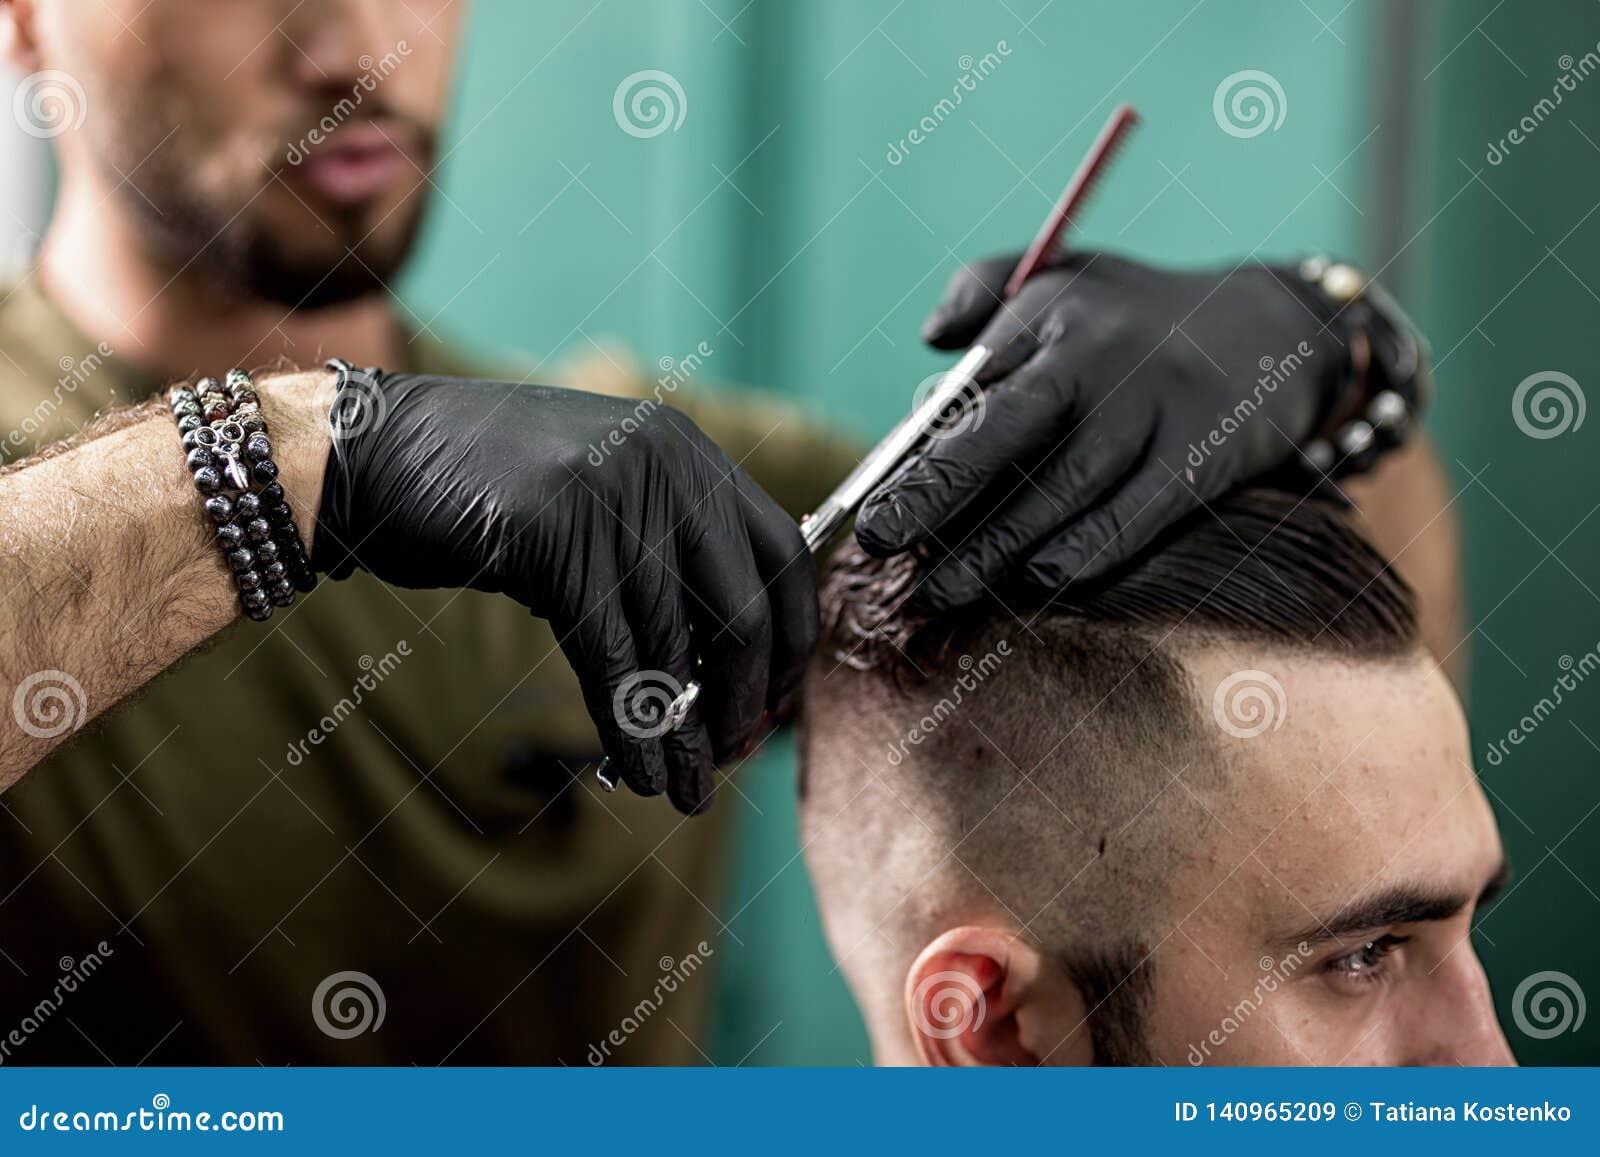 Barberare i svarta handskesnitt med saxhår av den stilfulla mannen på en frisersalong